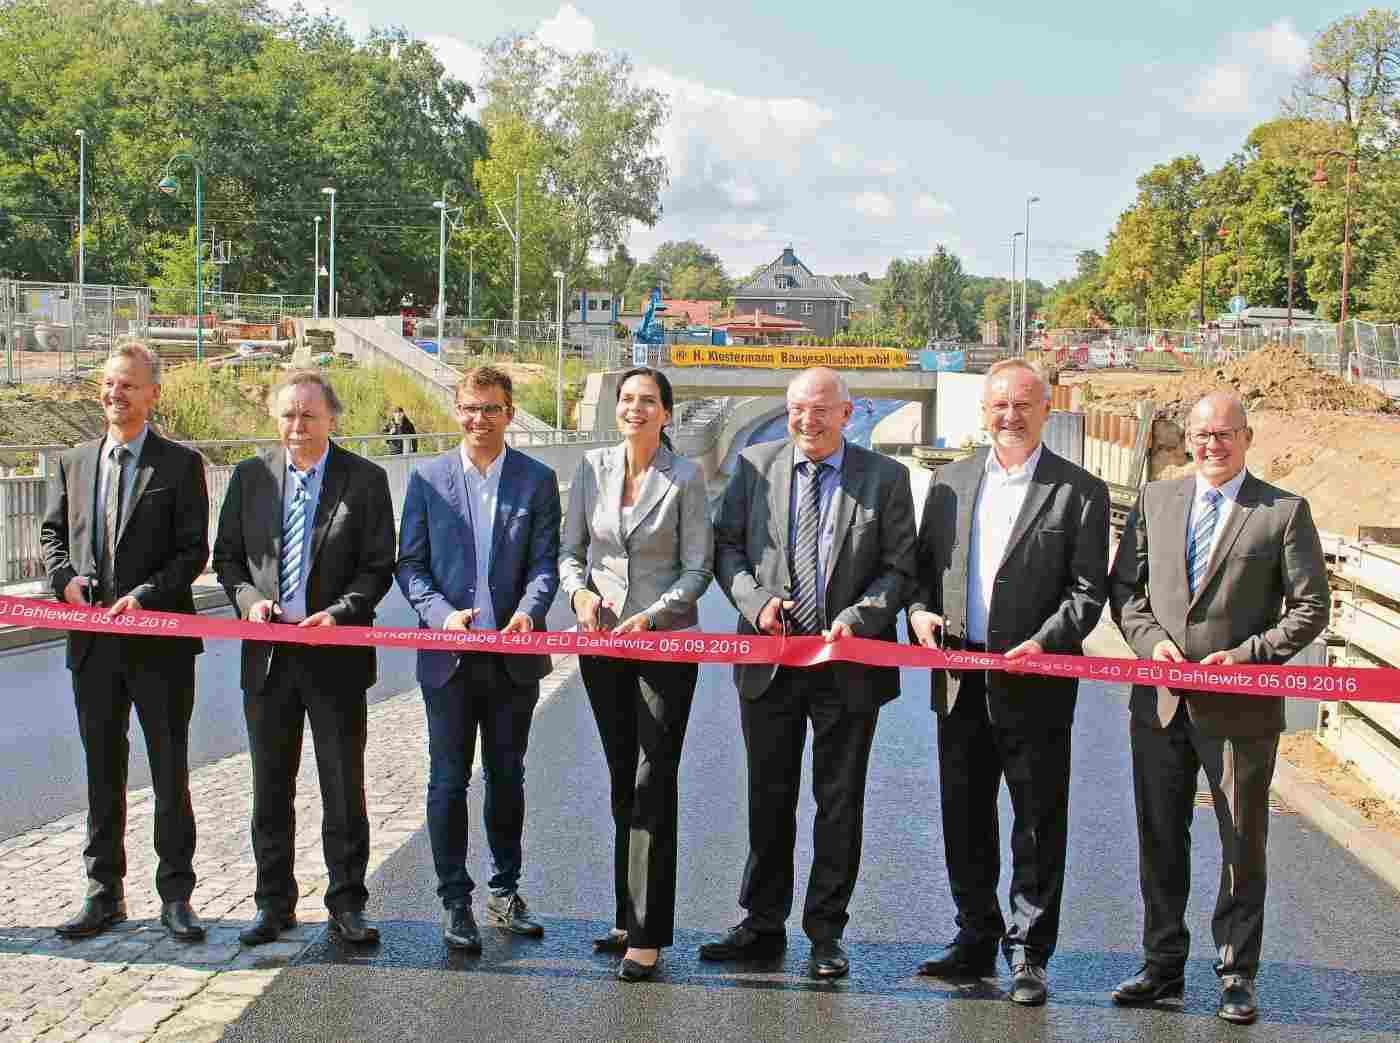 Eisenbahnüberführung in Dahlewitz freigegeben – Stadt ...